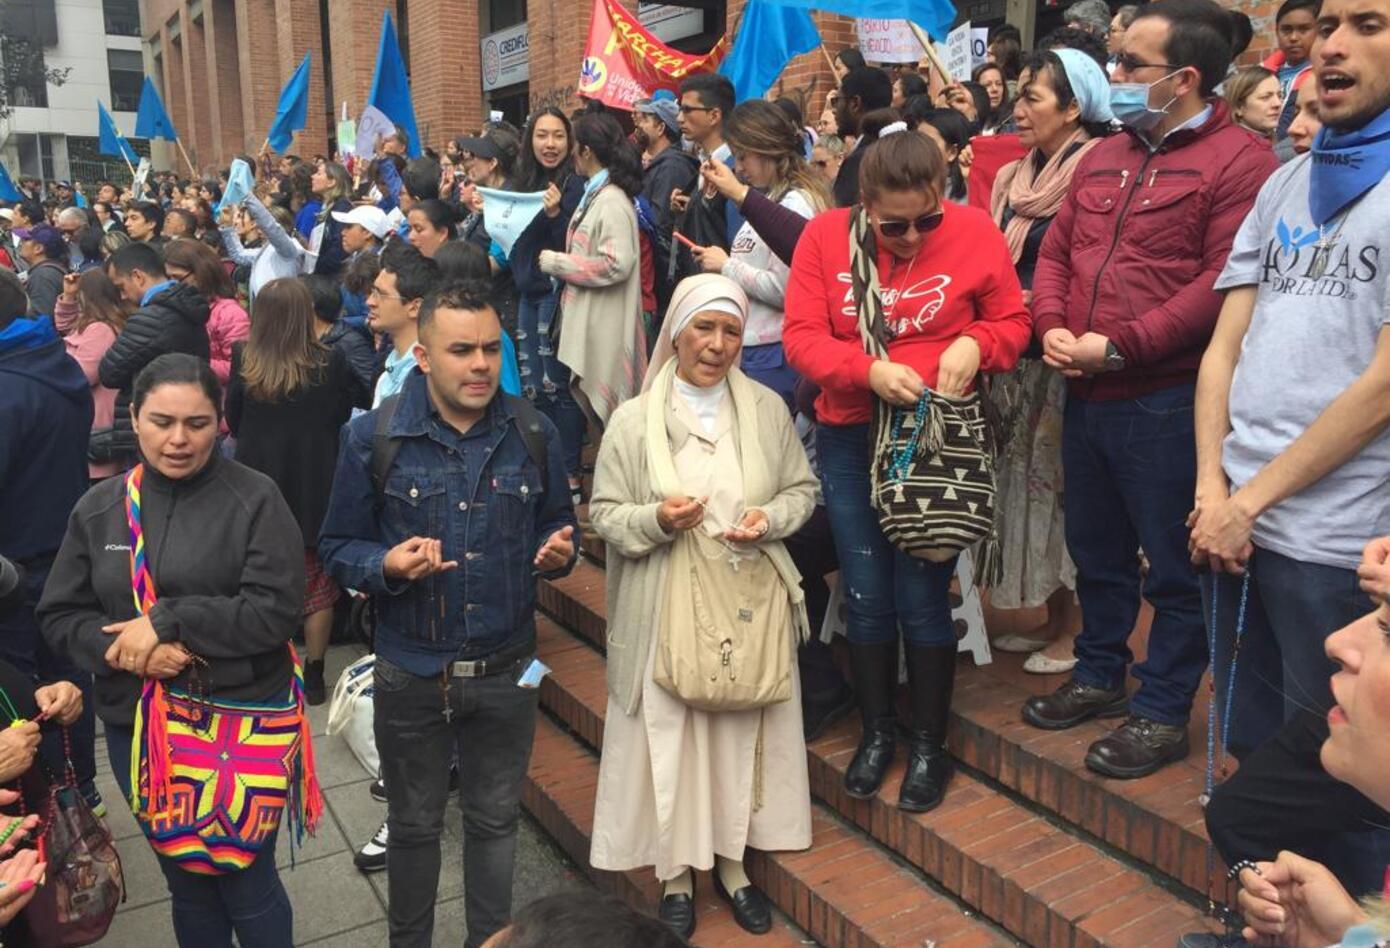 Católicos, cristianos y 'defensores de la vida' protestan contra el aborto en Bogotá.